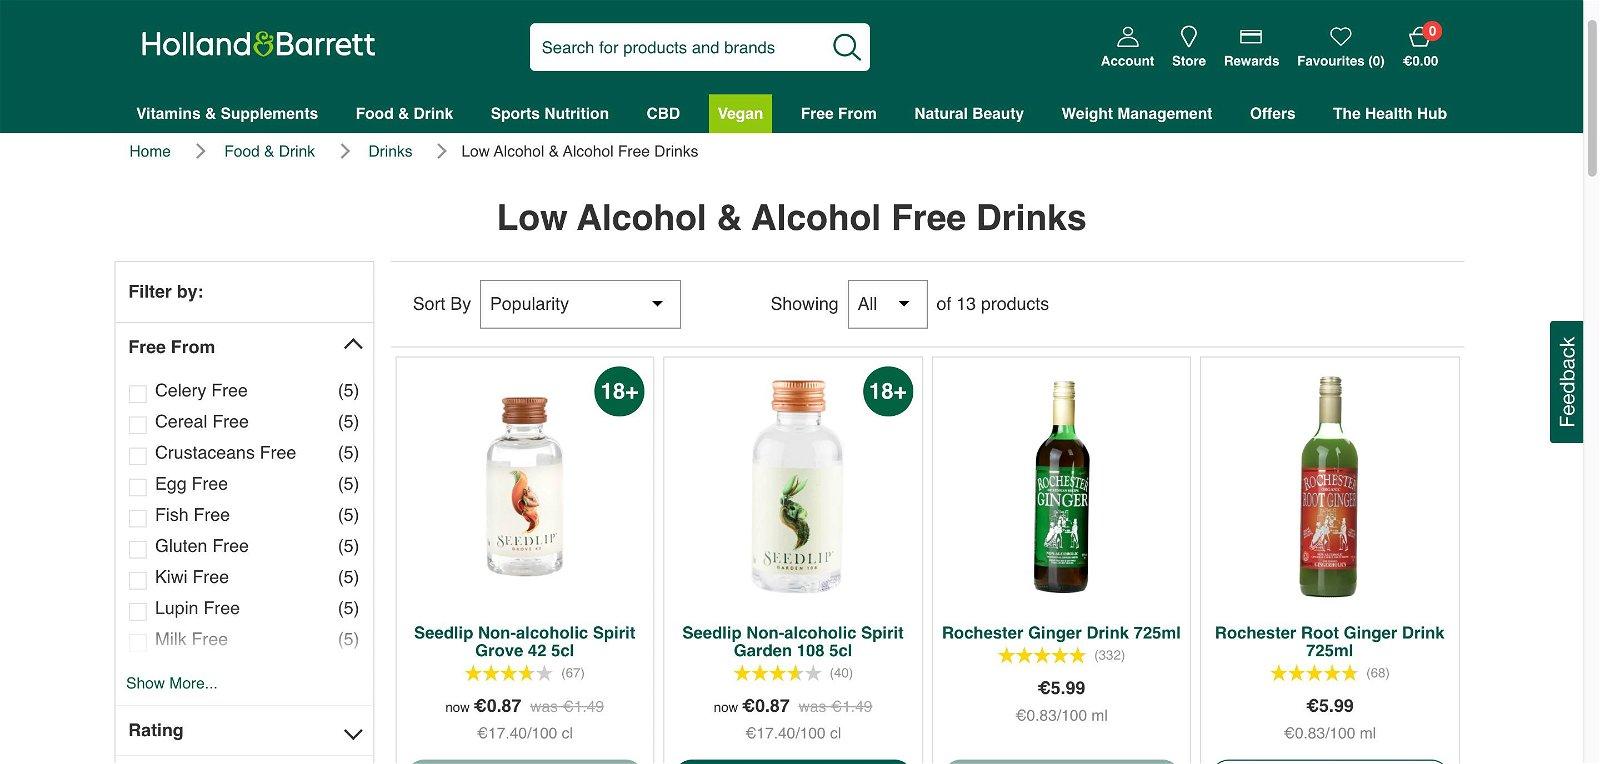 Hollandandbarrett.ie - Alcohol free drinks 1